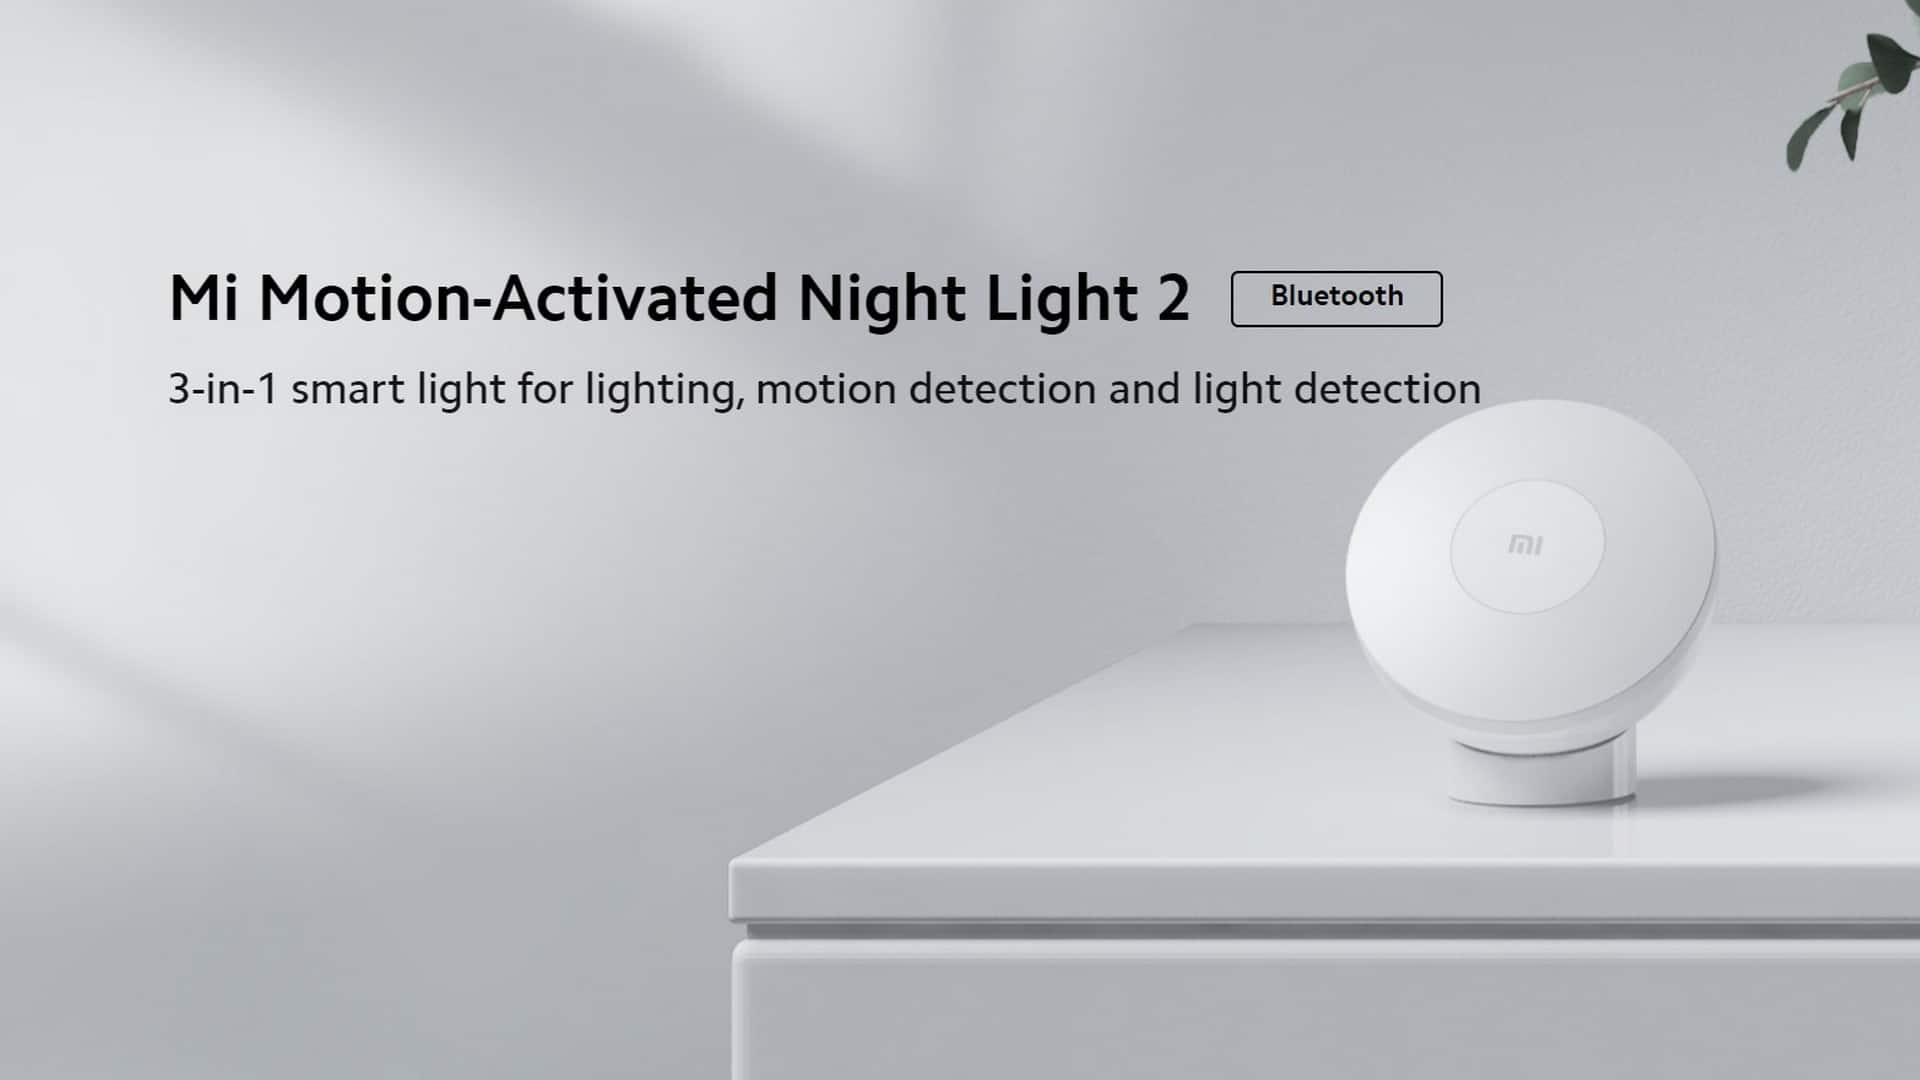 Luz nocturna activada por movimiento Xiaomi Mi 2 Bluetooth |  AliExpress